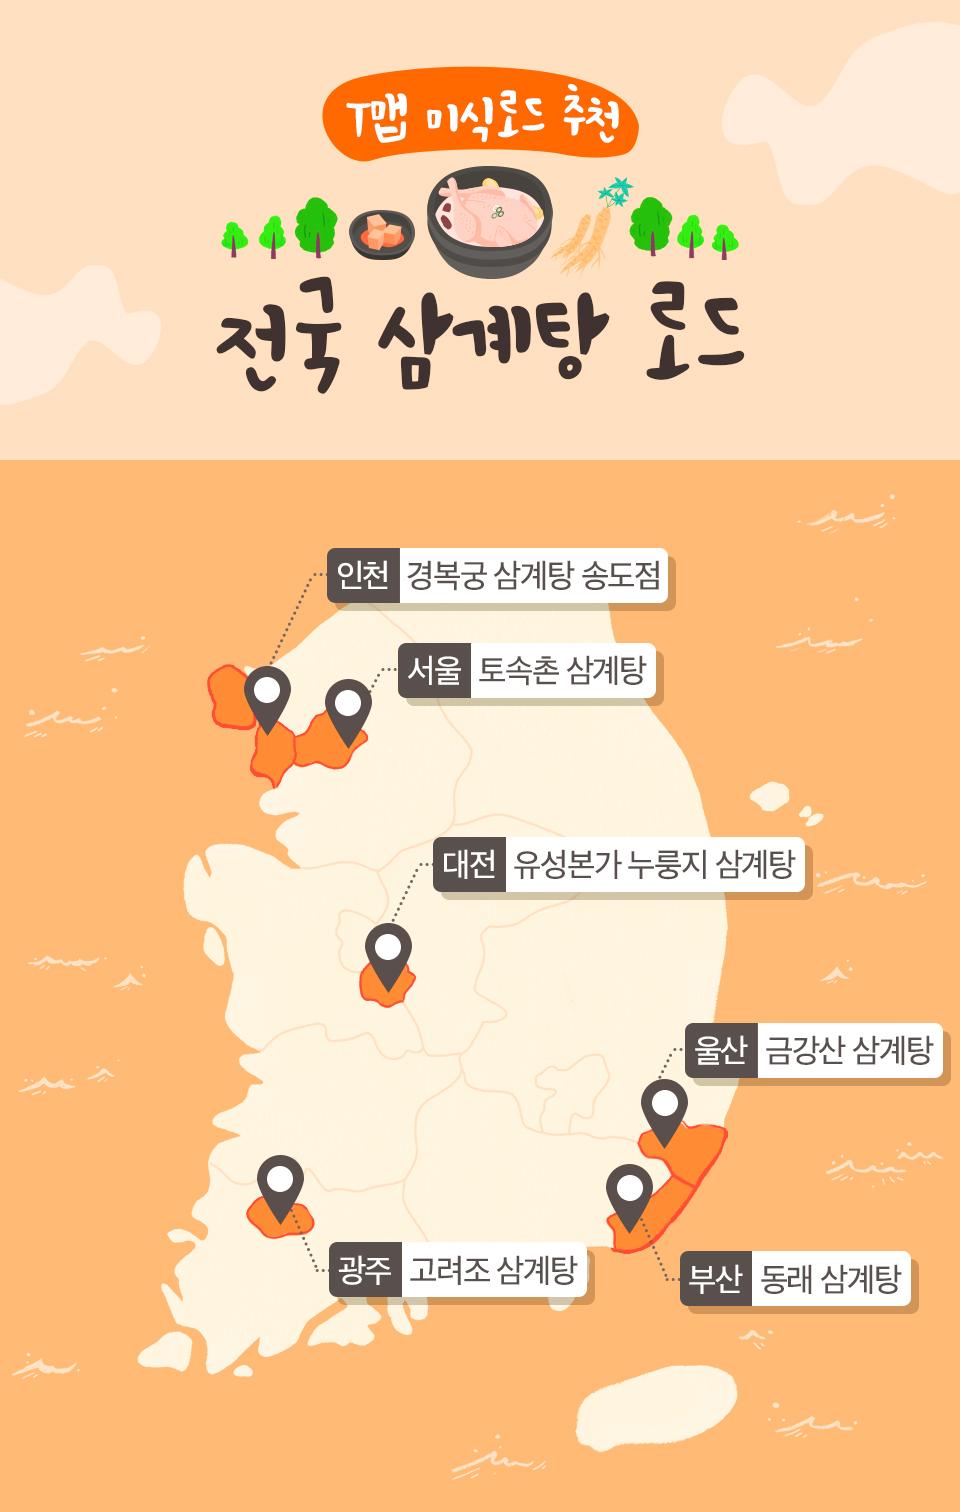 말복, 전국삼계탕맛집, 삼계탕맛집추천, 삼계탕, 백숙맛집, 서울삼계탕맛집